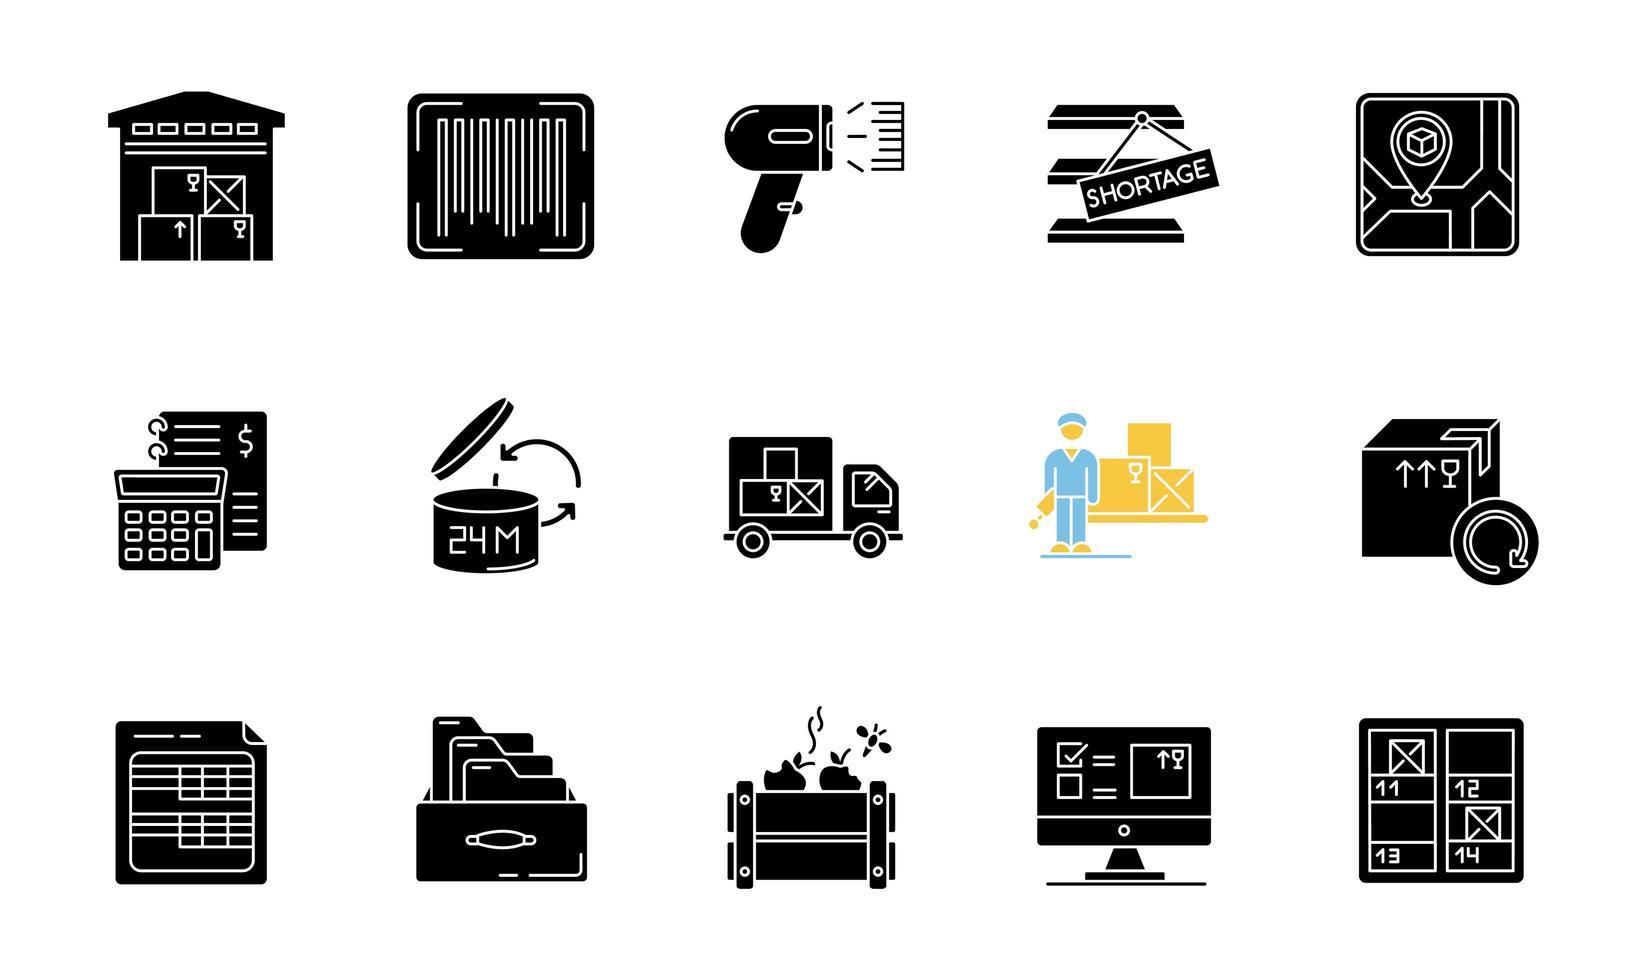 ensemble d & # 39; icônes de glyphe noir de suivi des stocks vecteur